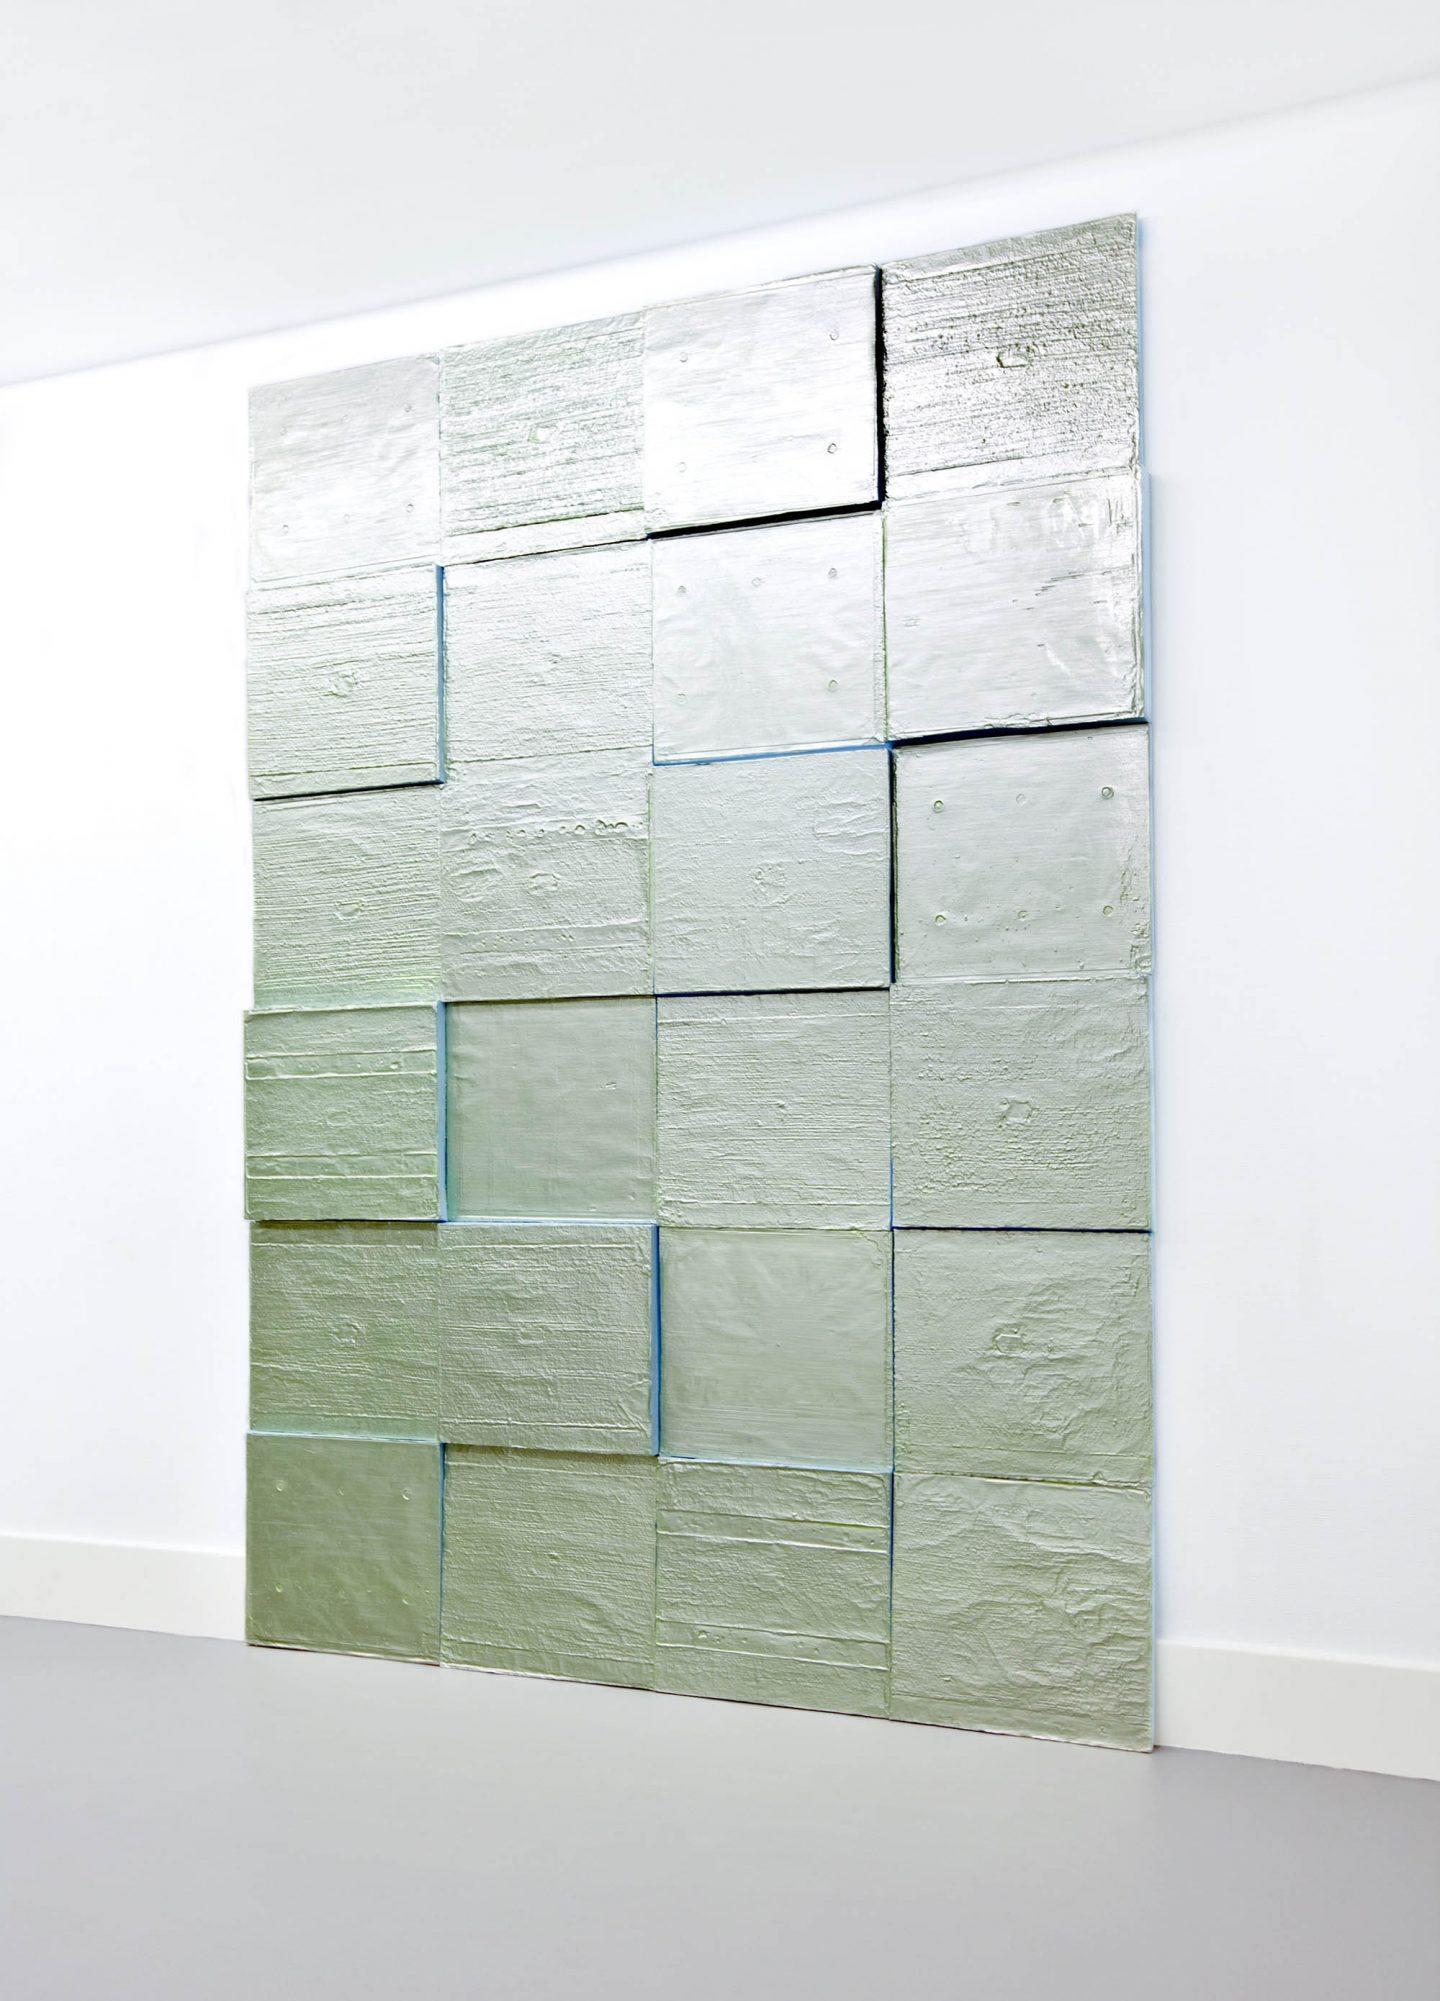 IGNANT-Art-Marleen-Sleeuwits-Installations-012